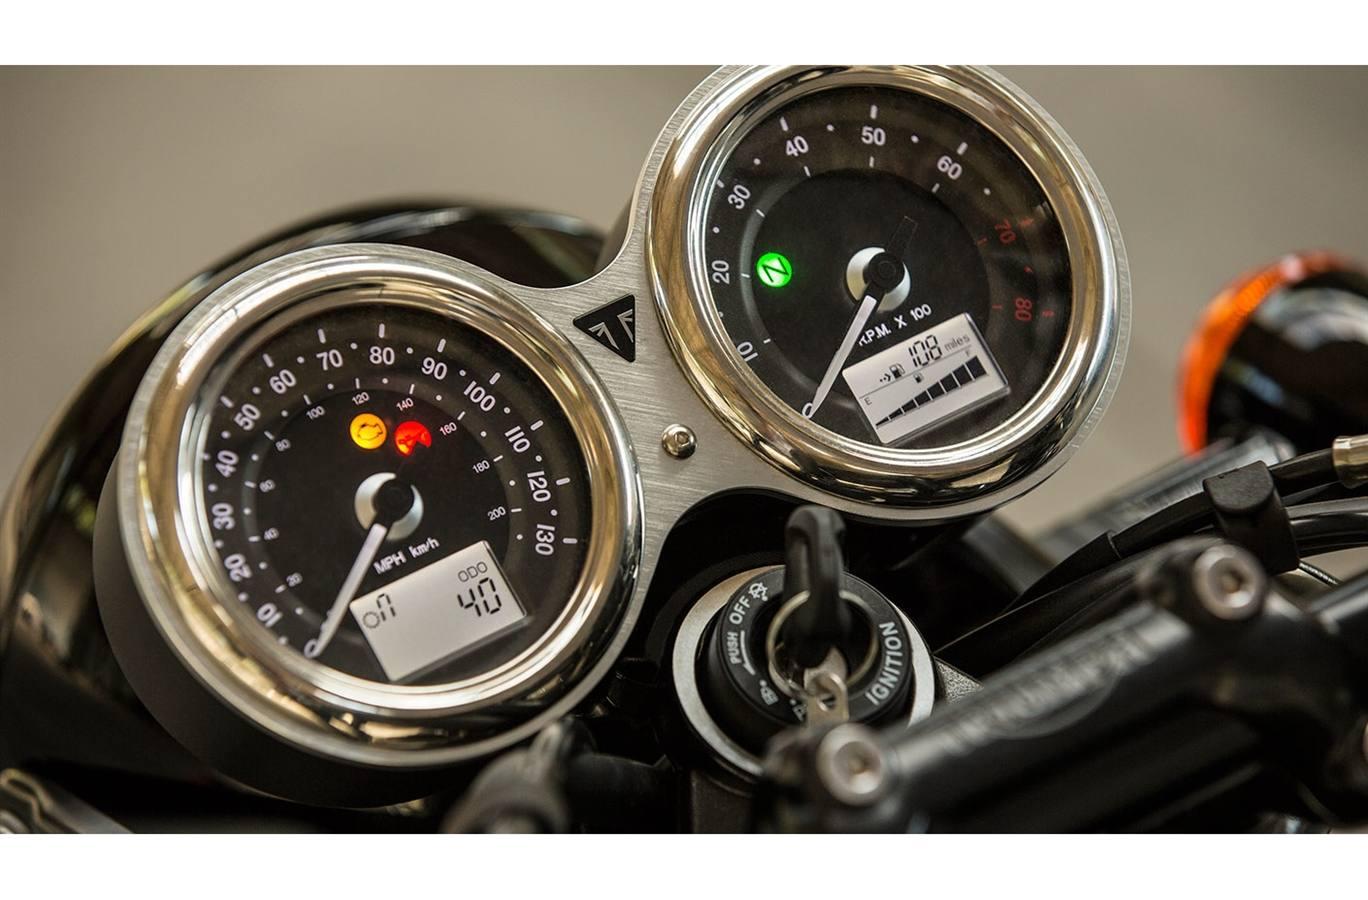 2020 Triumph Bonneville T100 Black Matte For Sale In Westshore Bc Imc Victoria Victoria Bc 250 474 2088